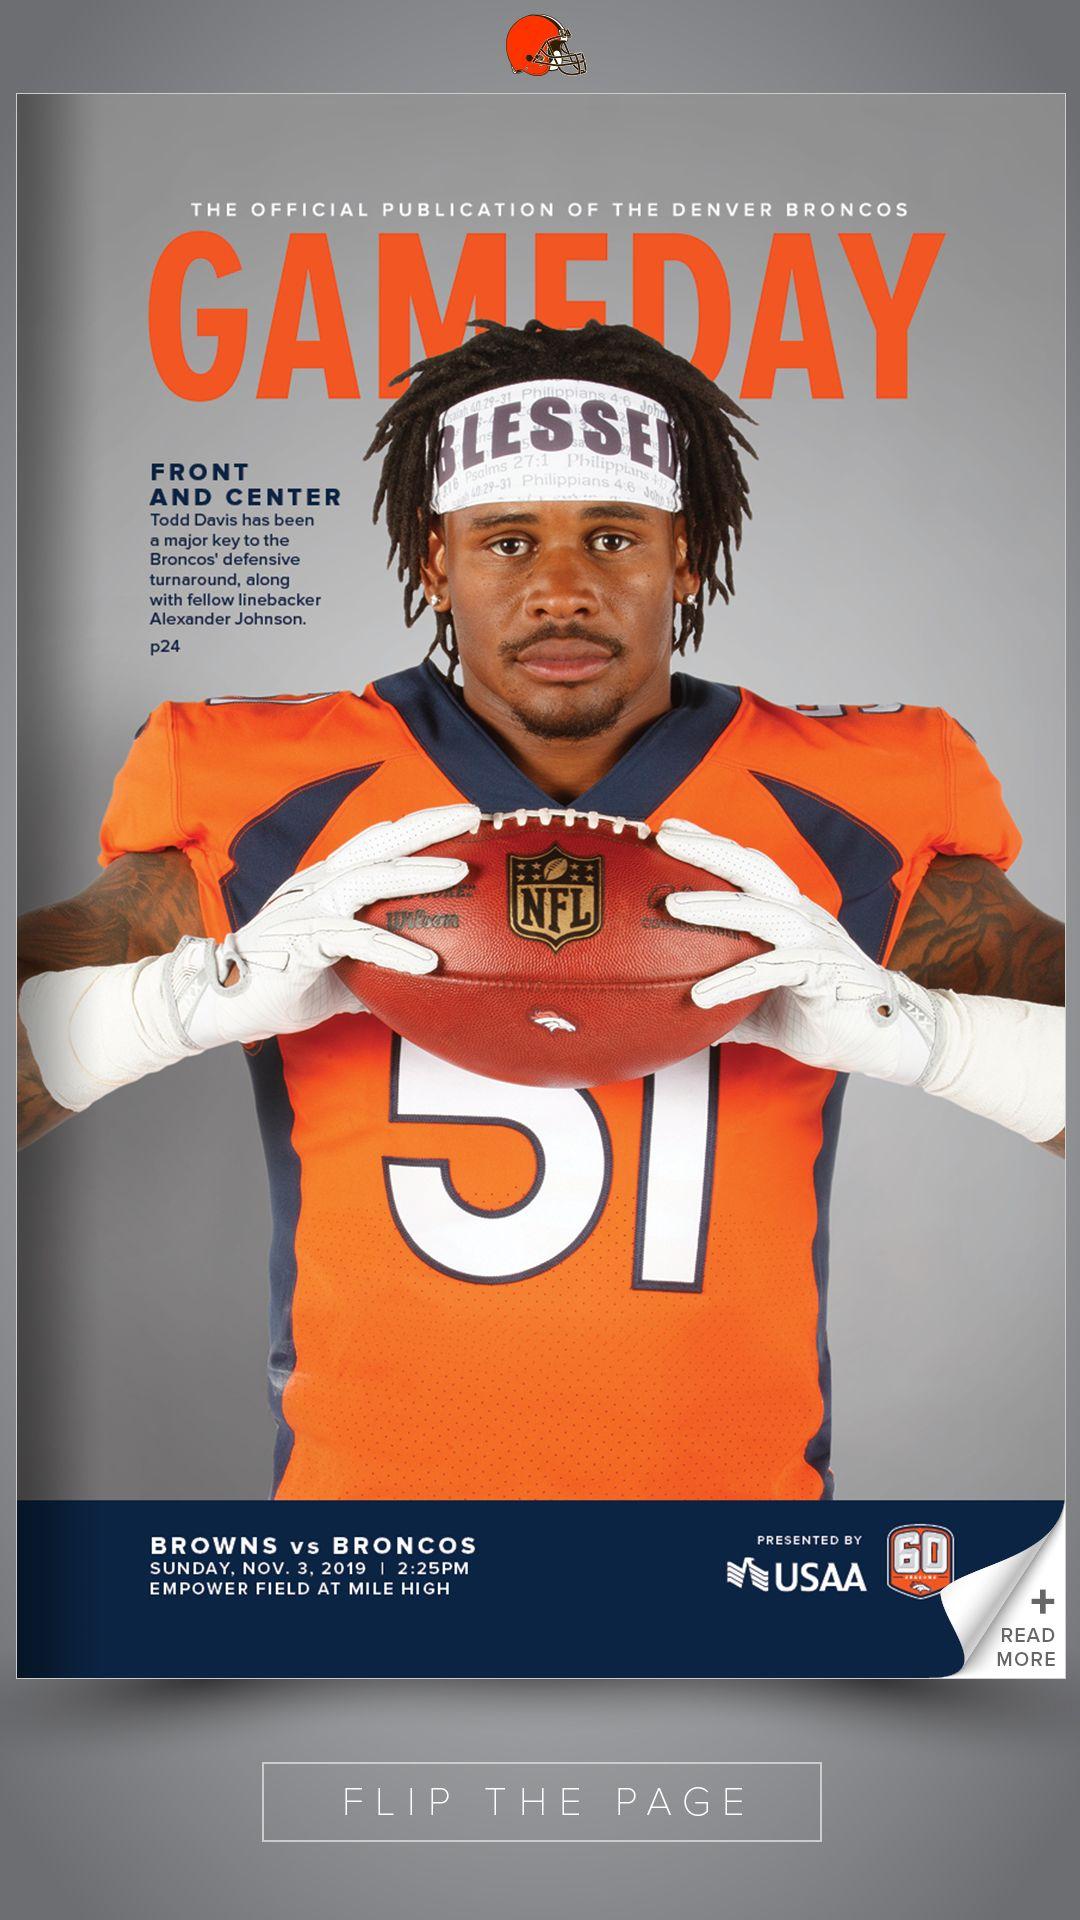 2019: Cleveland Browns vs. Denver Broncos